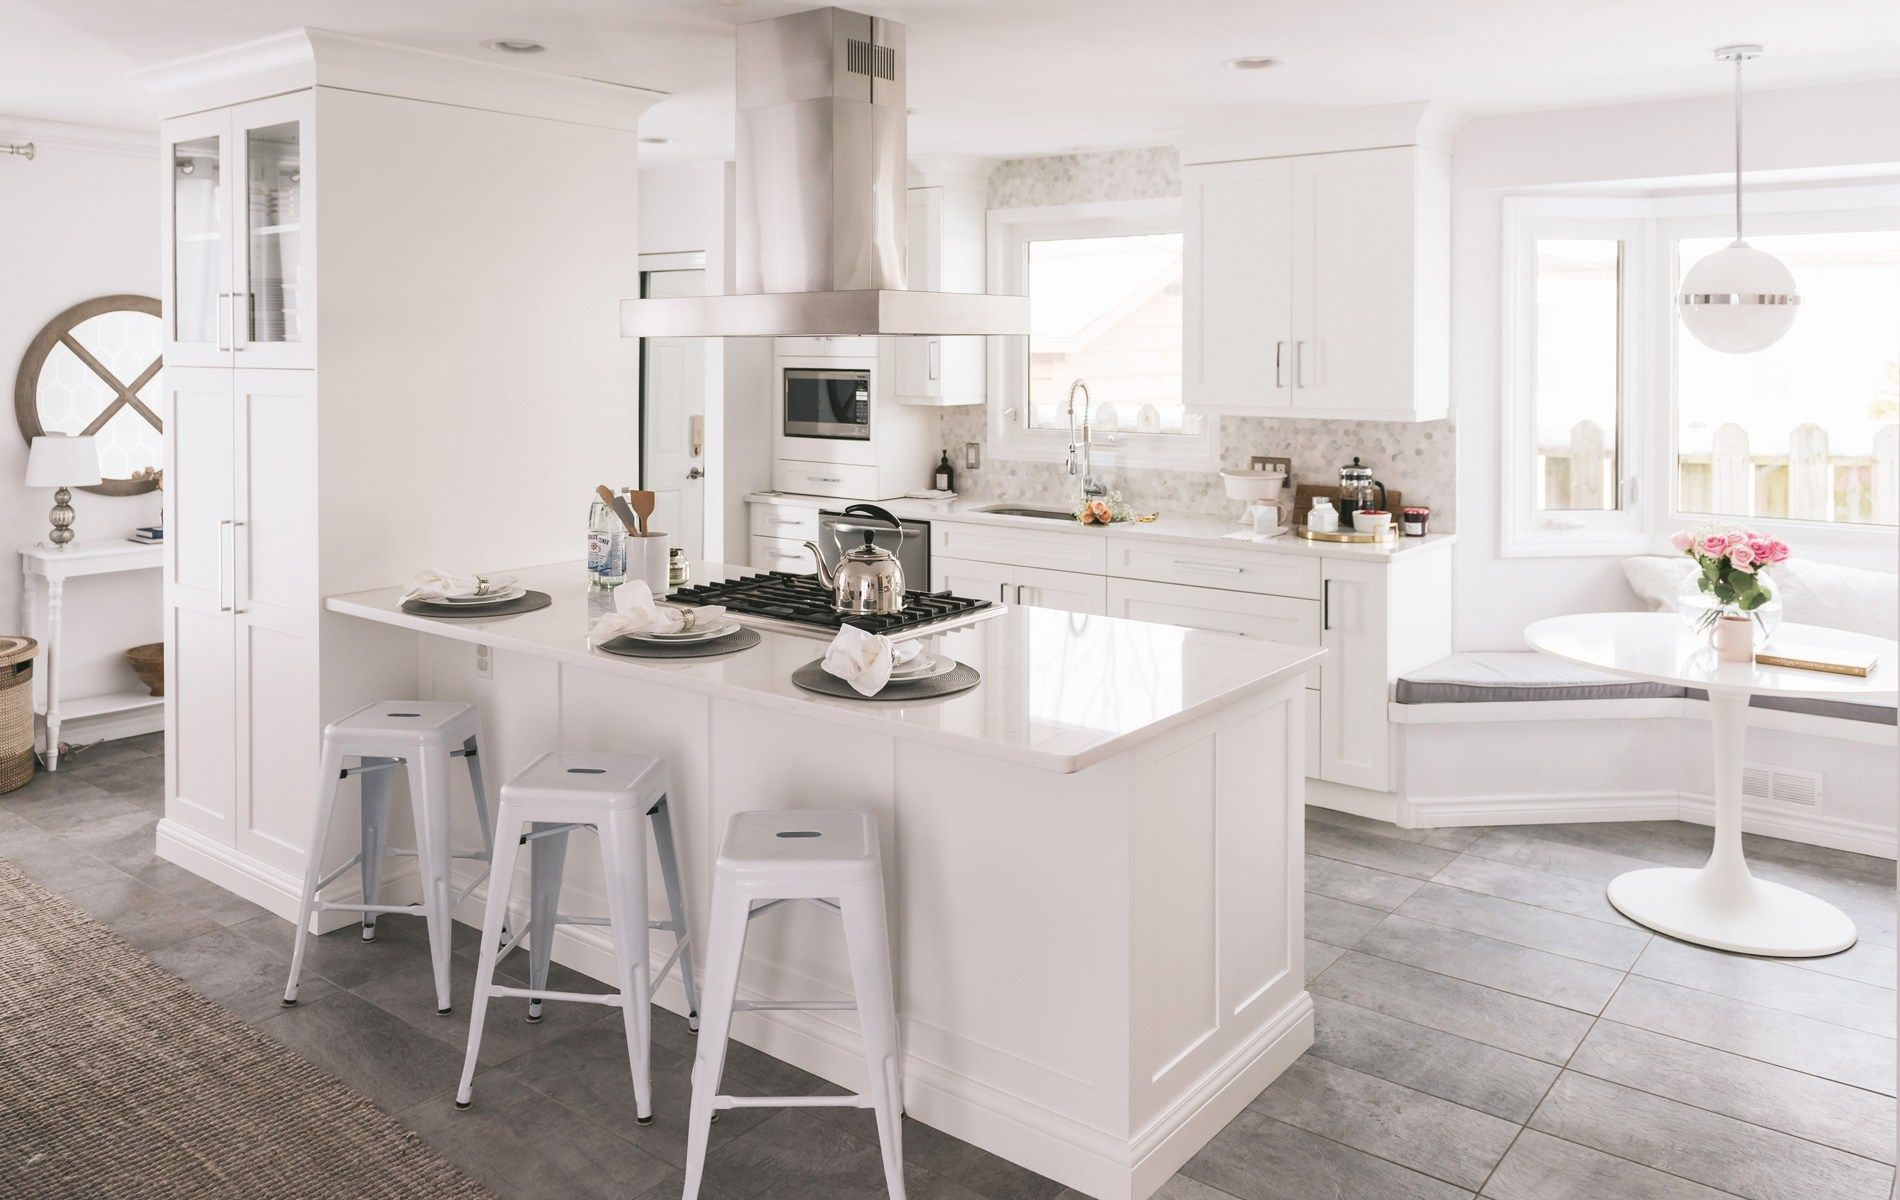 Studio Meld - Backsplit Breakdown: Kitchen & Dining | Studio Meld ...